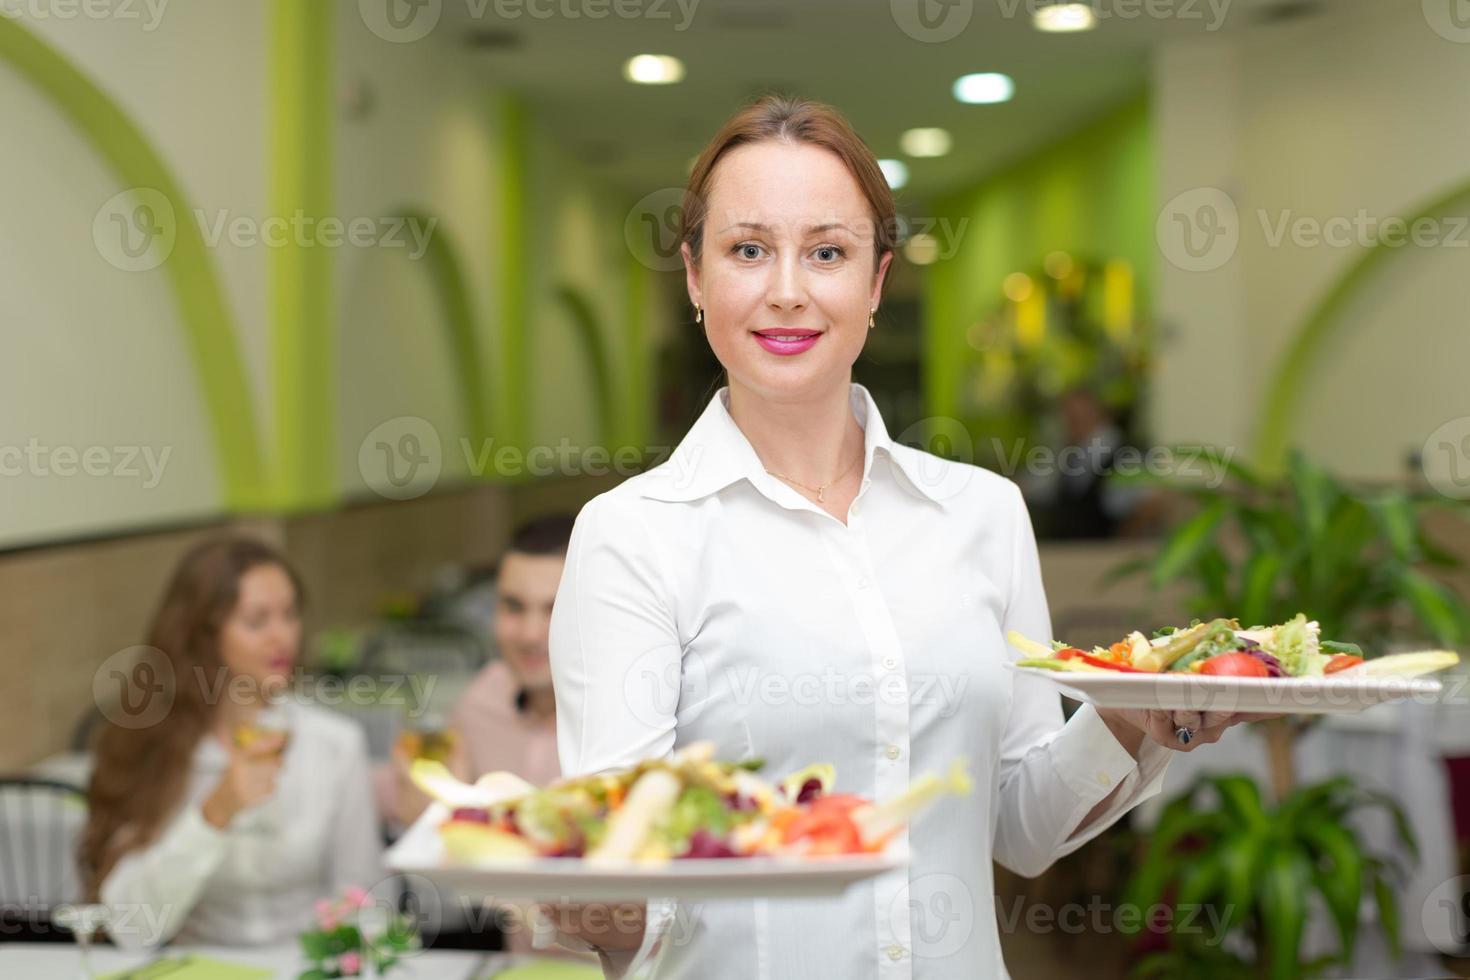 vrouwelijke ober bedienen gasten tafel foto